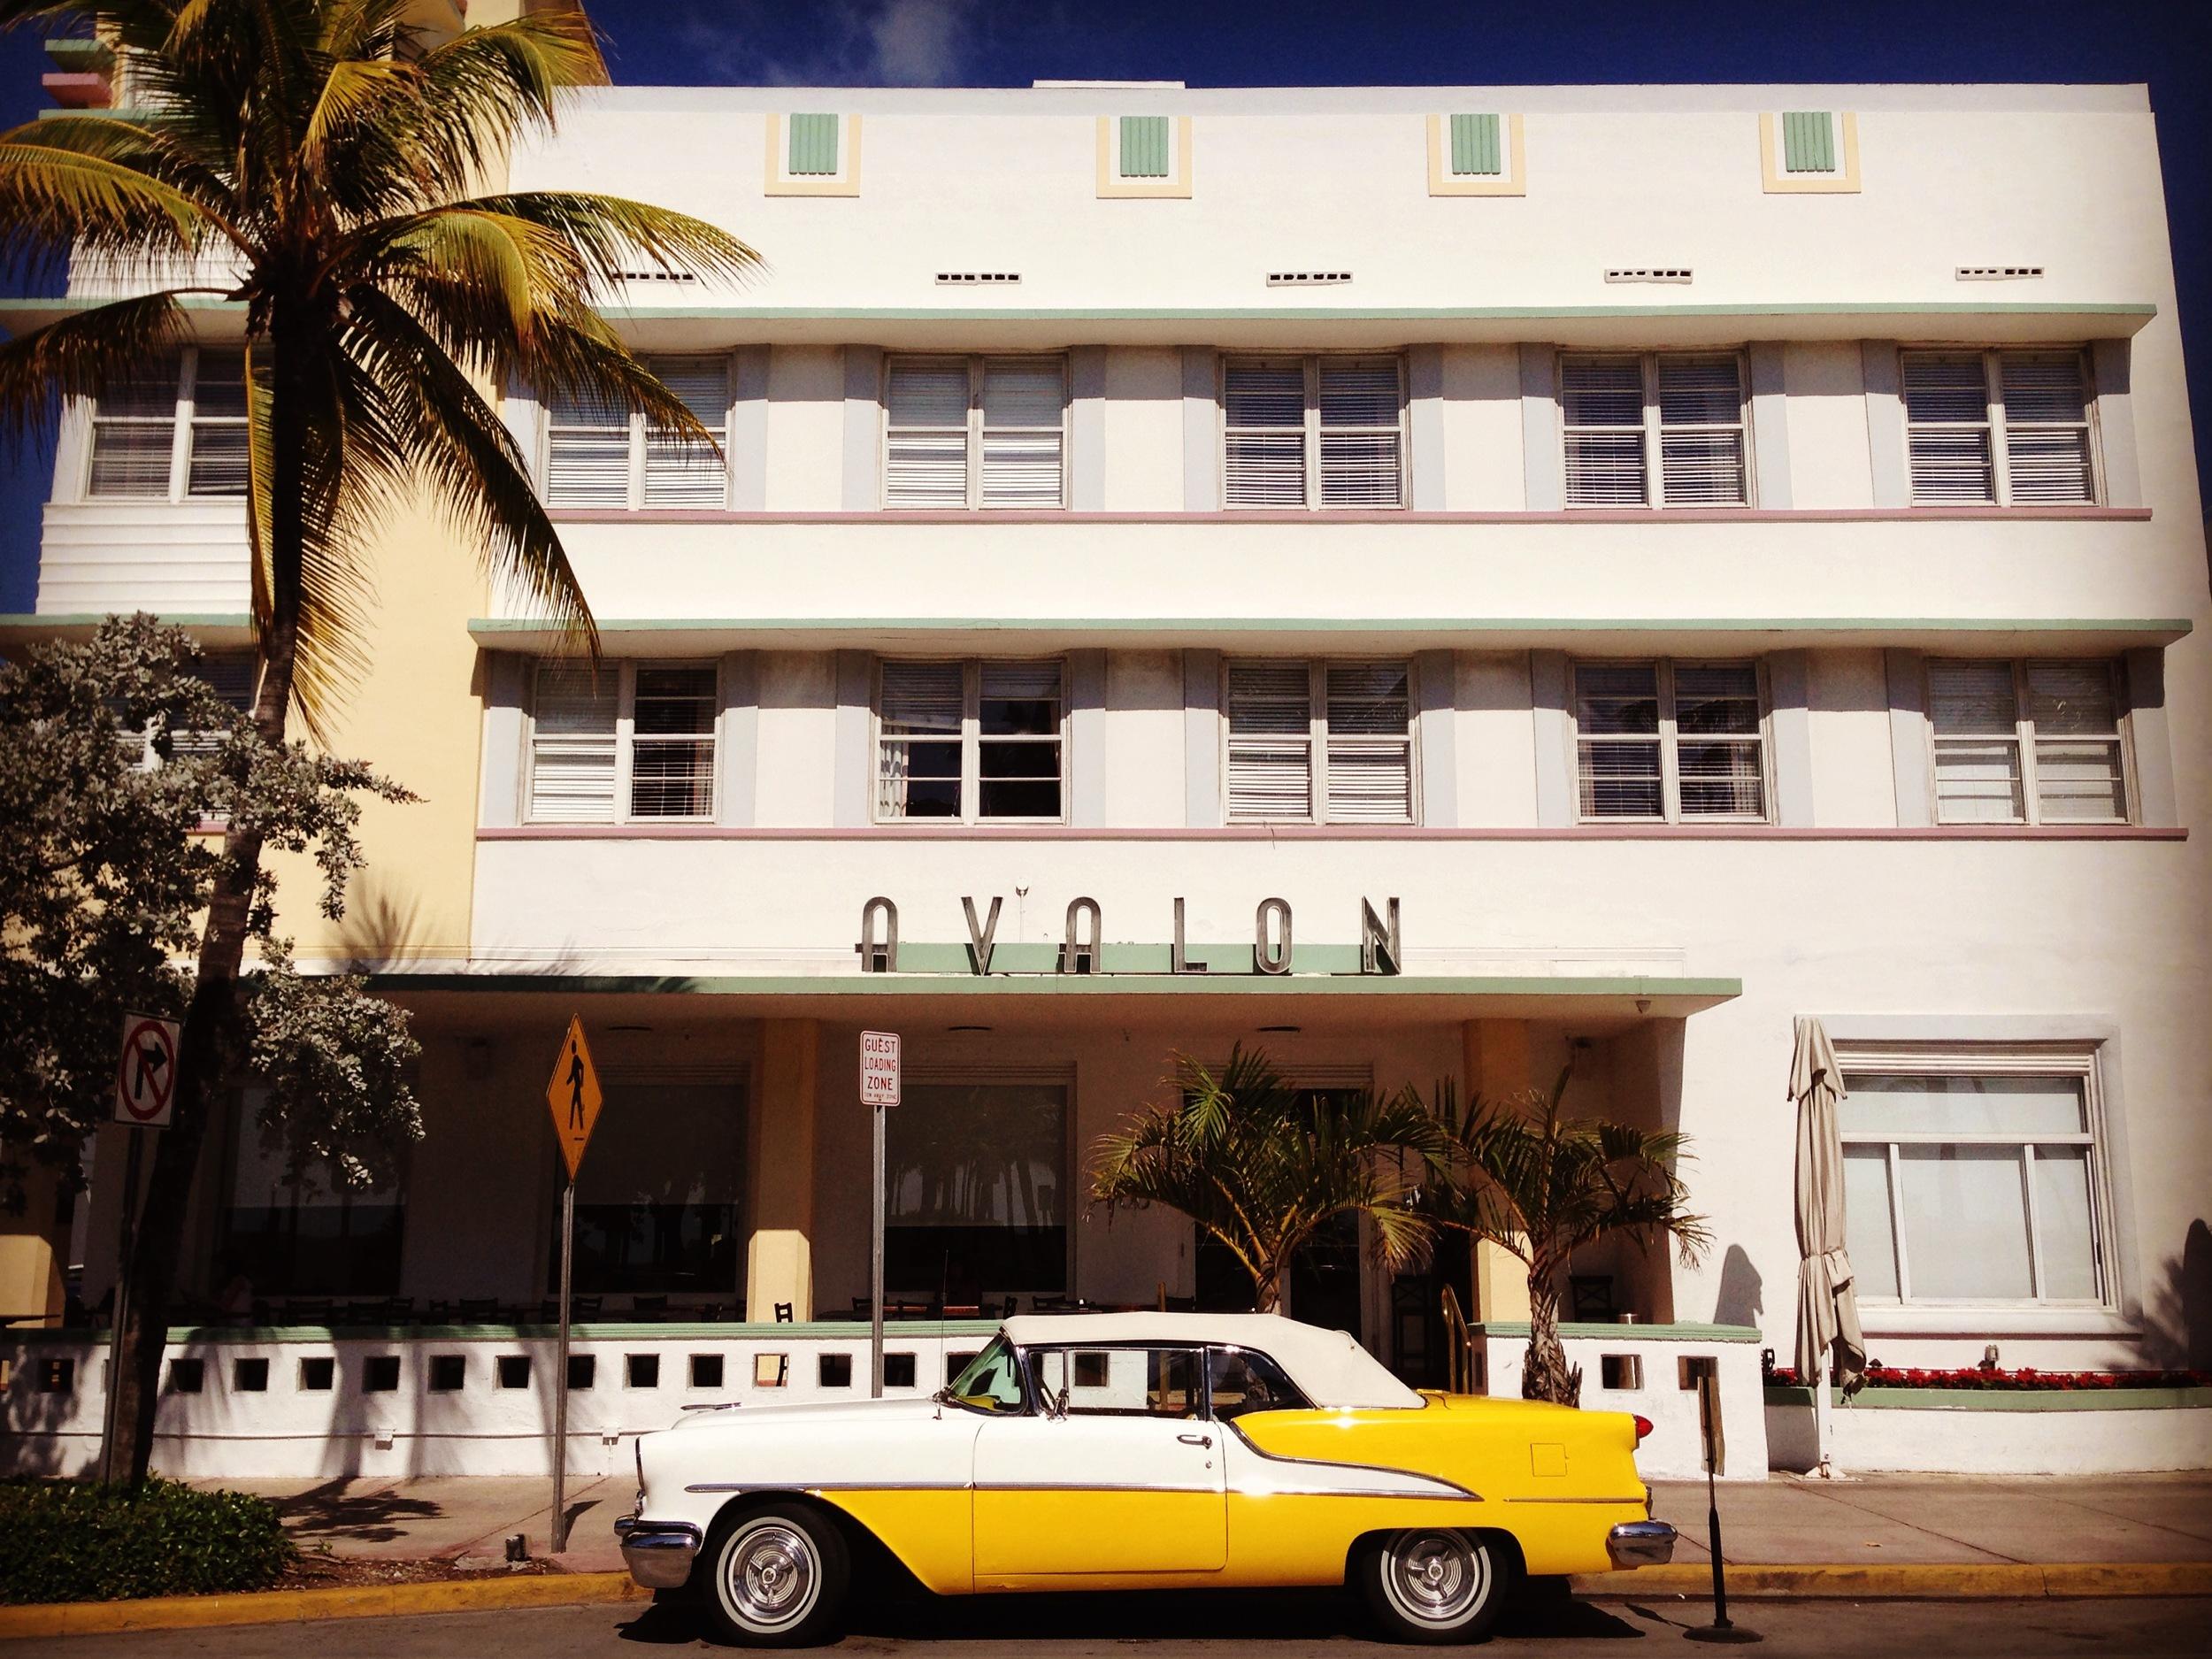 Miami Art-Deco District